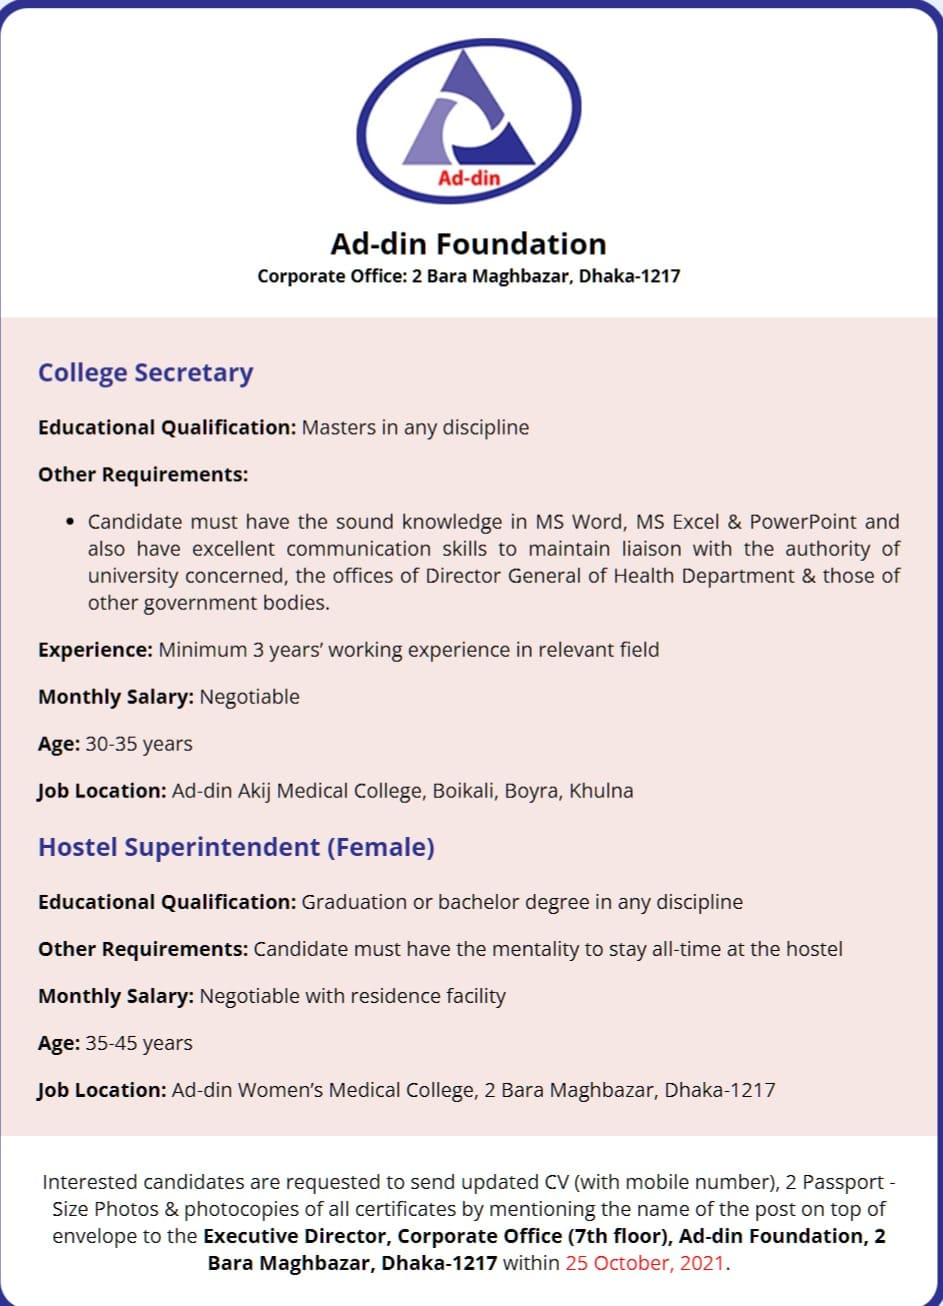 Ad-din Foundation Job Circular